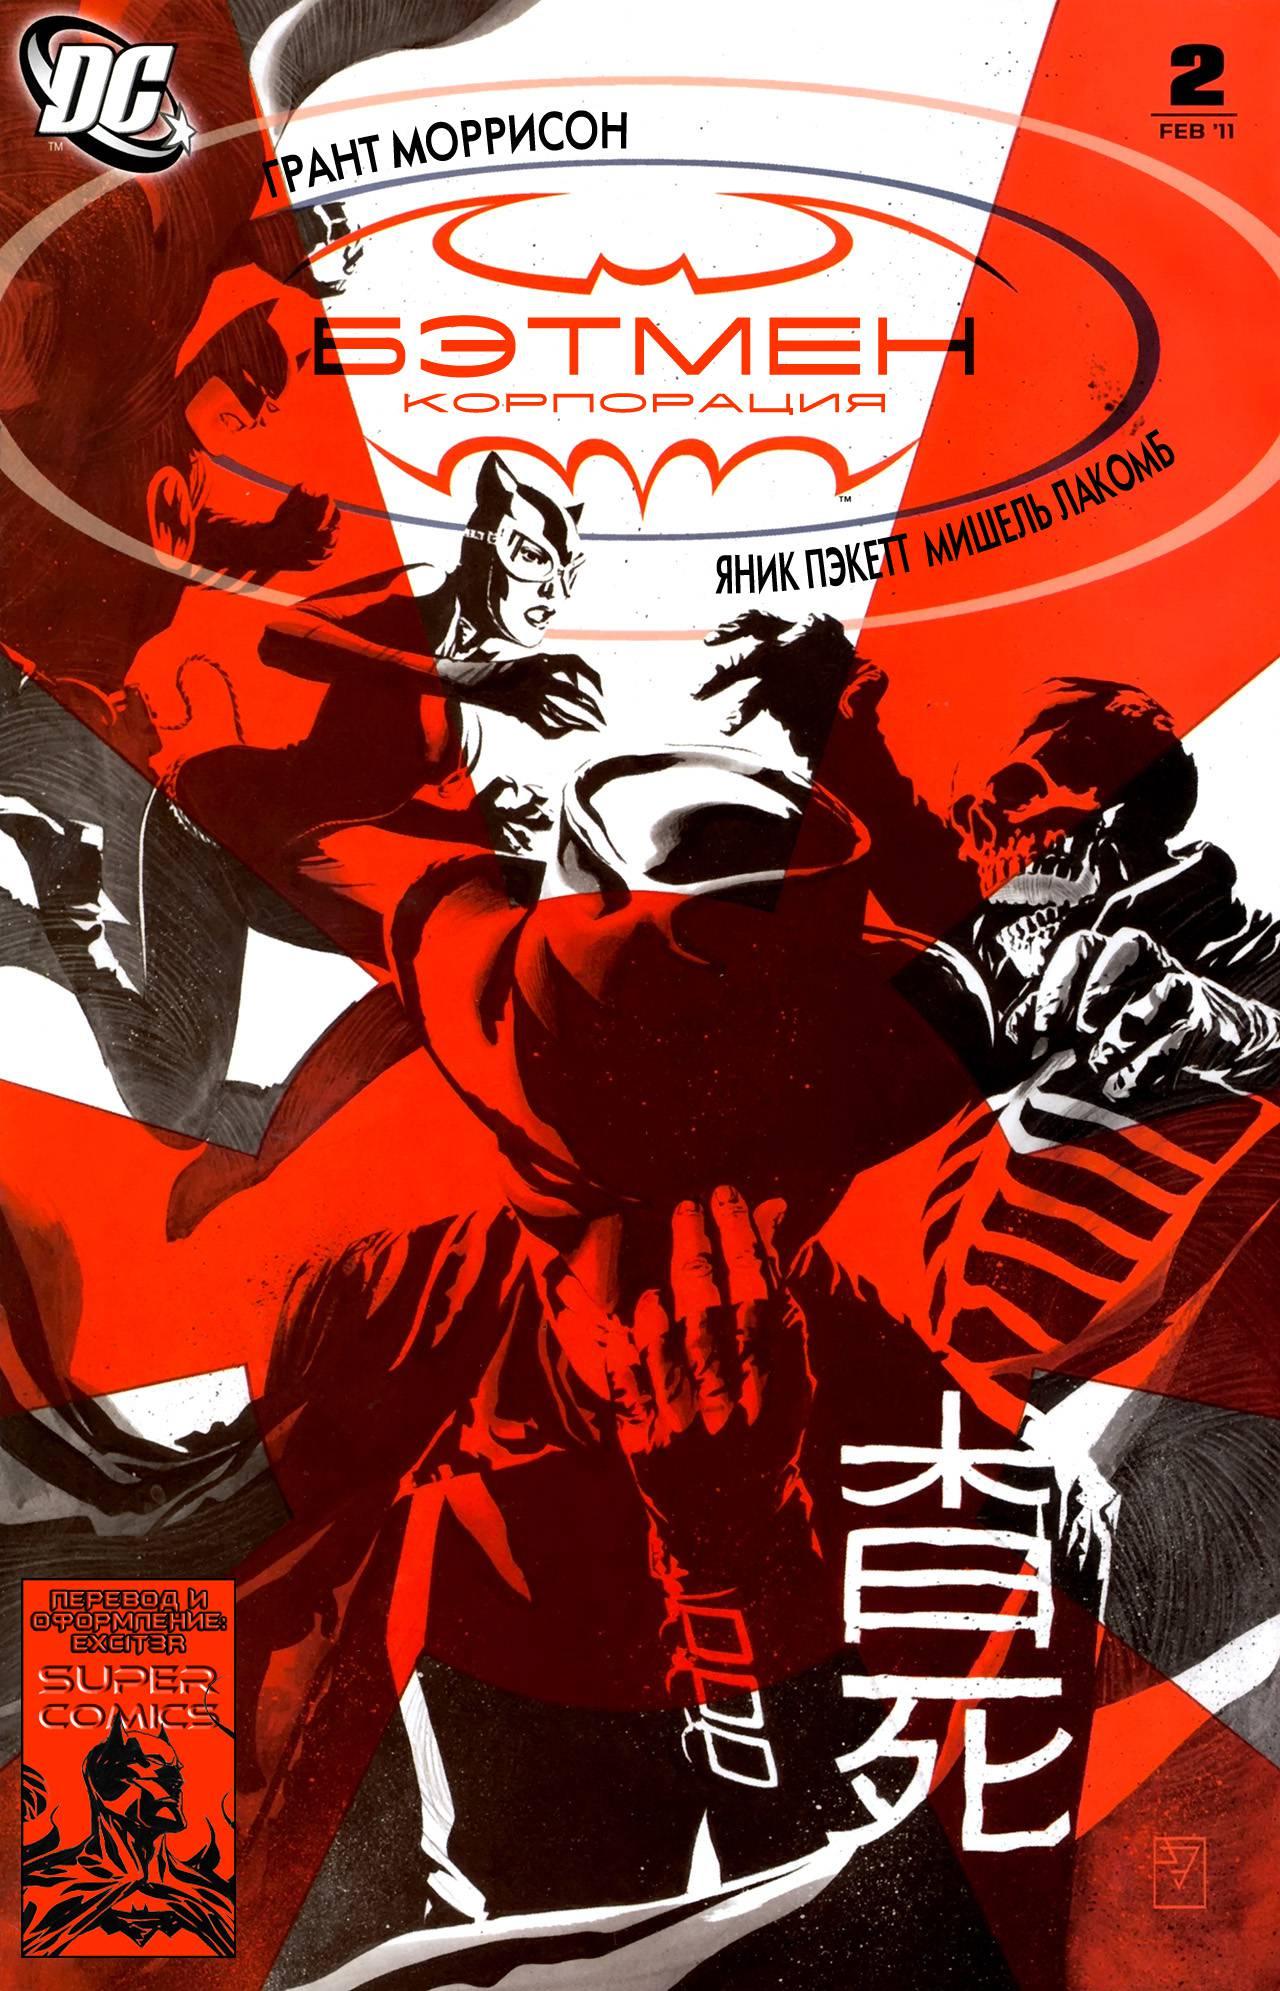 Бэтмен Корпорация №2 онлайн